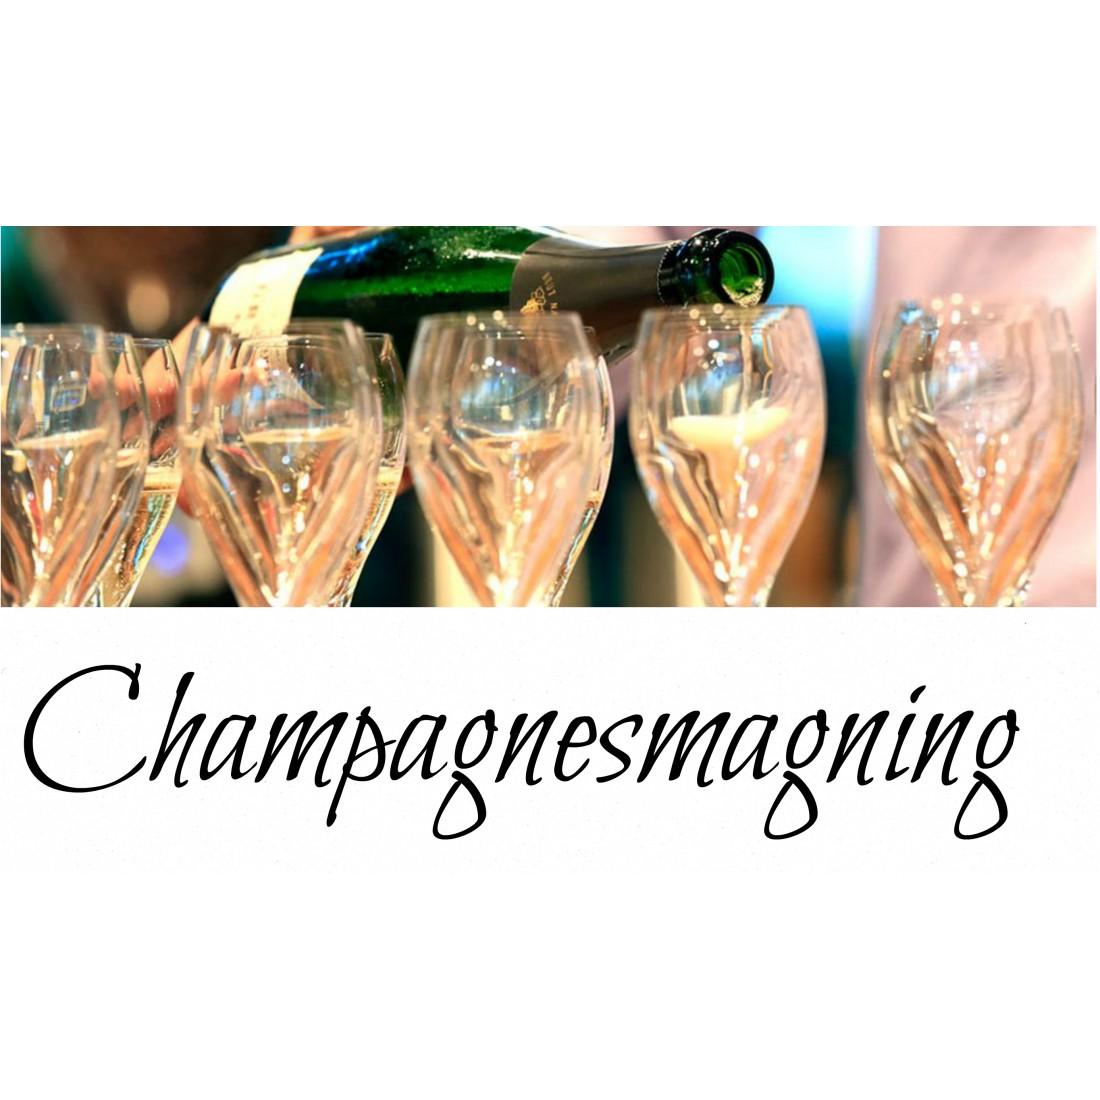 Champagnesmagning lørdag den 28 november kl. 19.00 I ChampagneKælderen-31